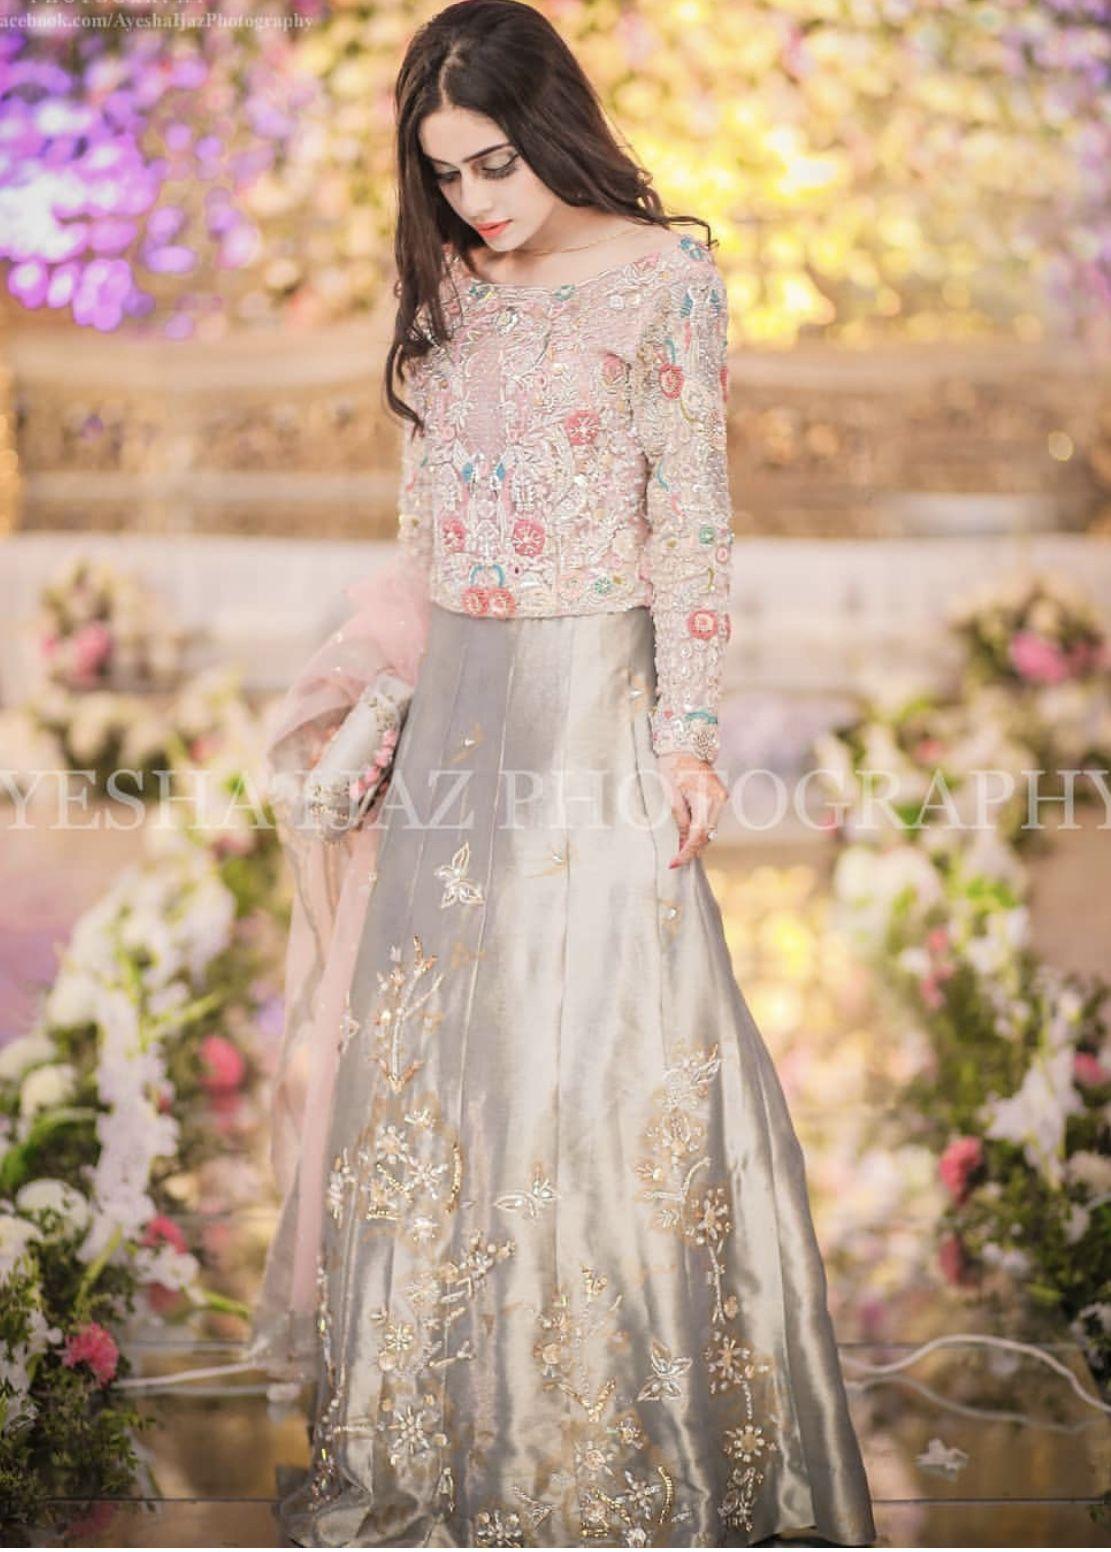 Grooms Sister Pakistani Wedding Dresses Desi Wedding Dresses Pakistani Bridal Wear [ 1552 x 1111 Pixel ]